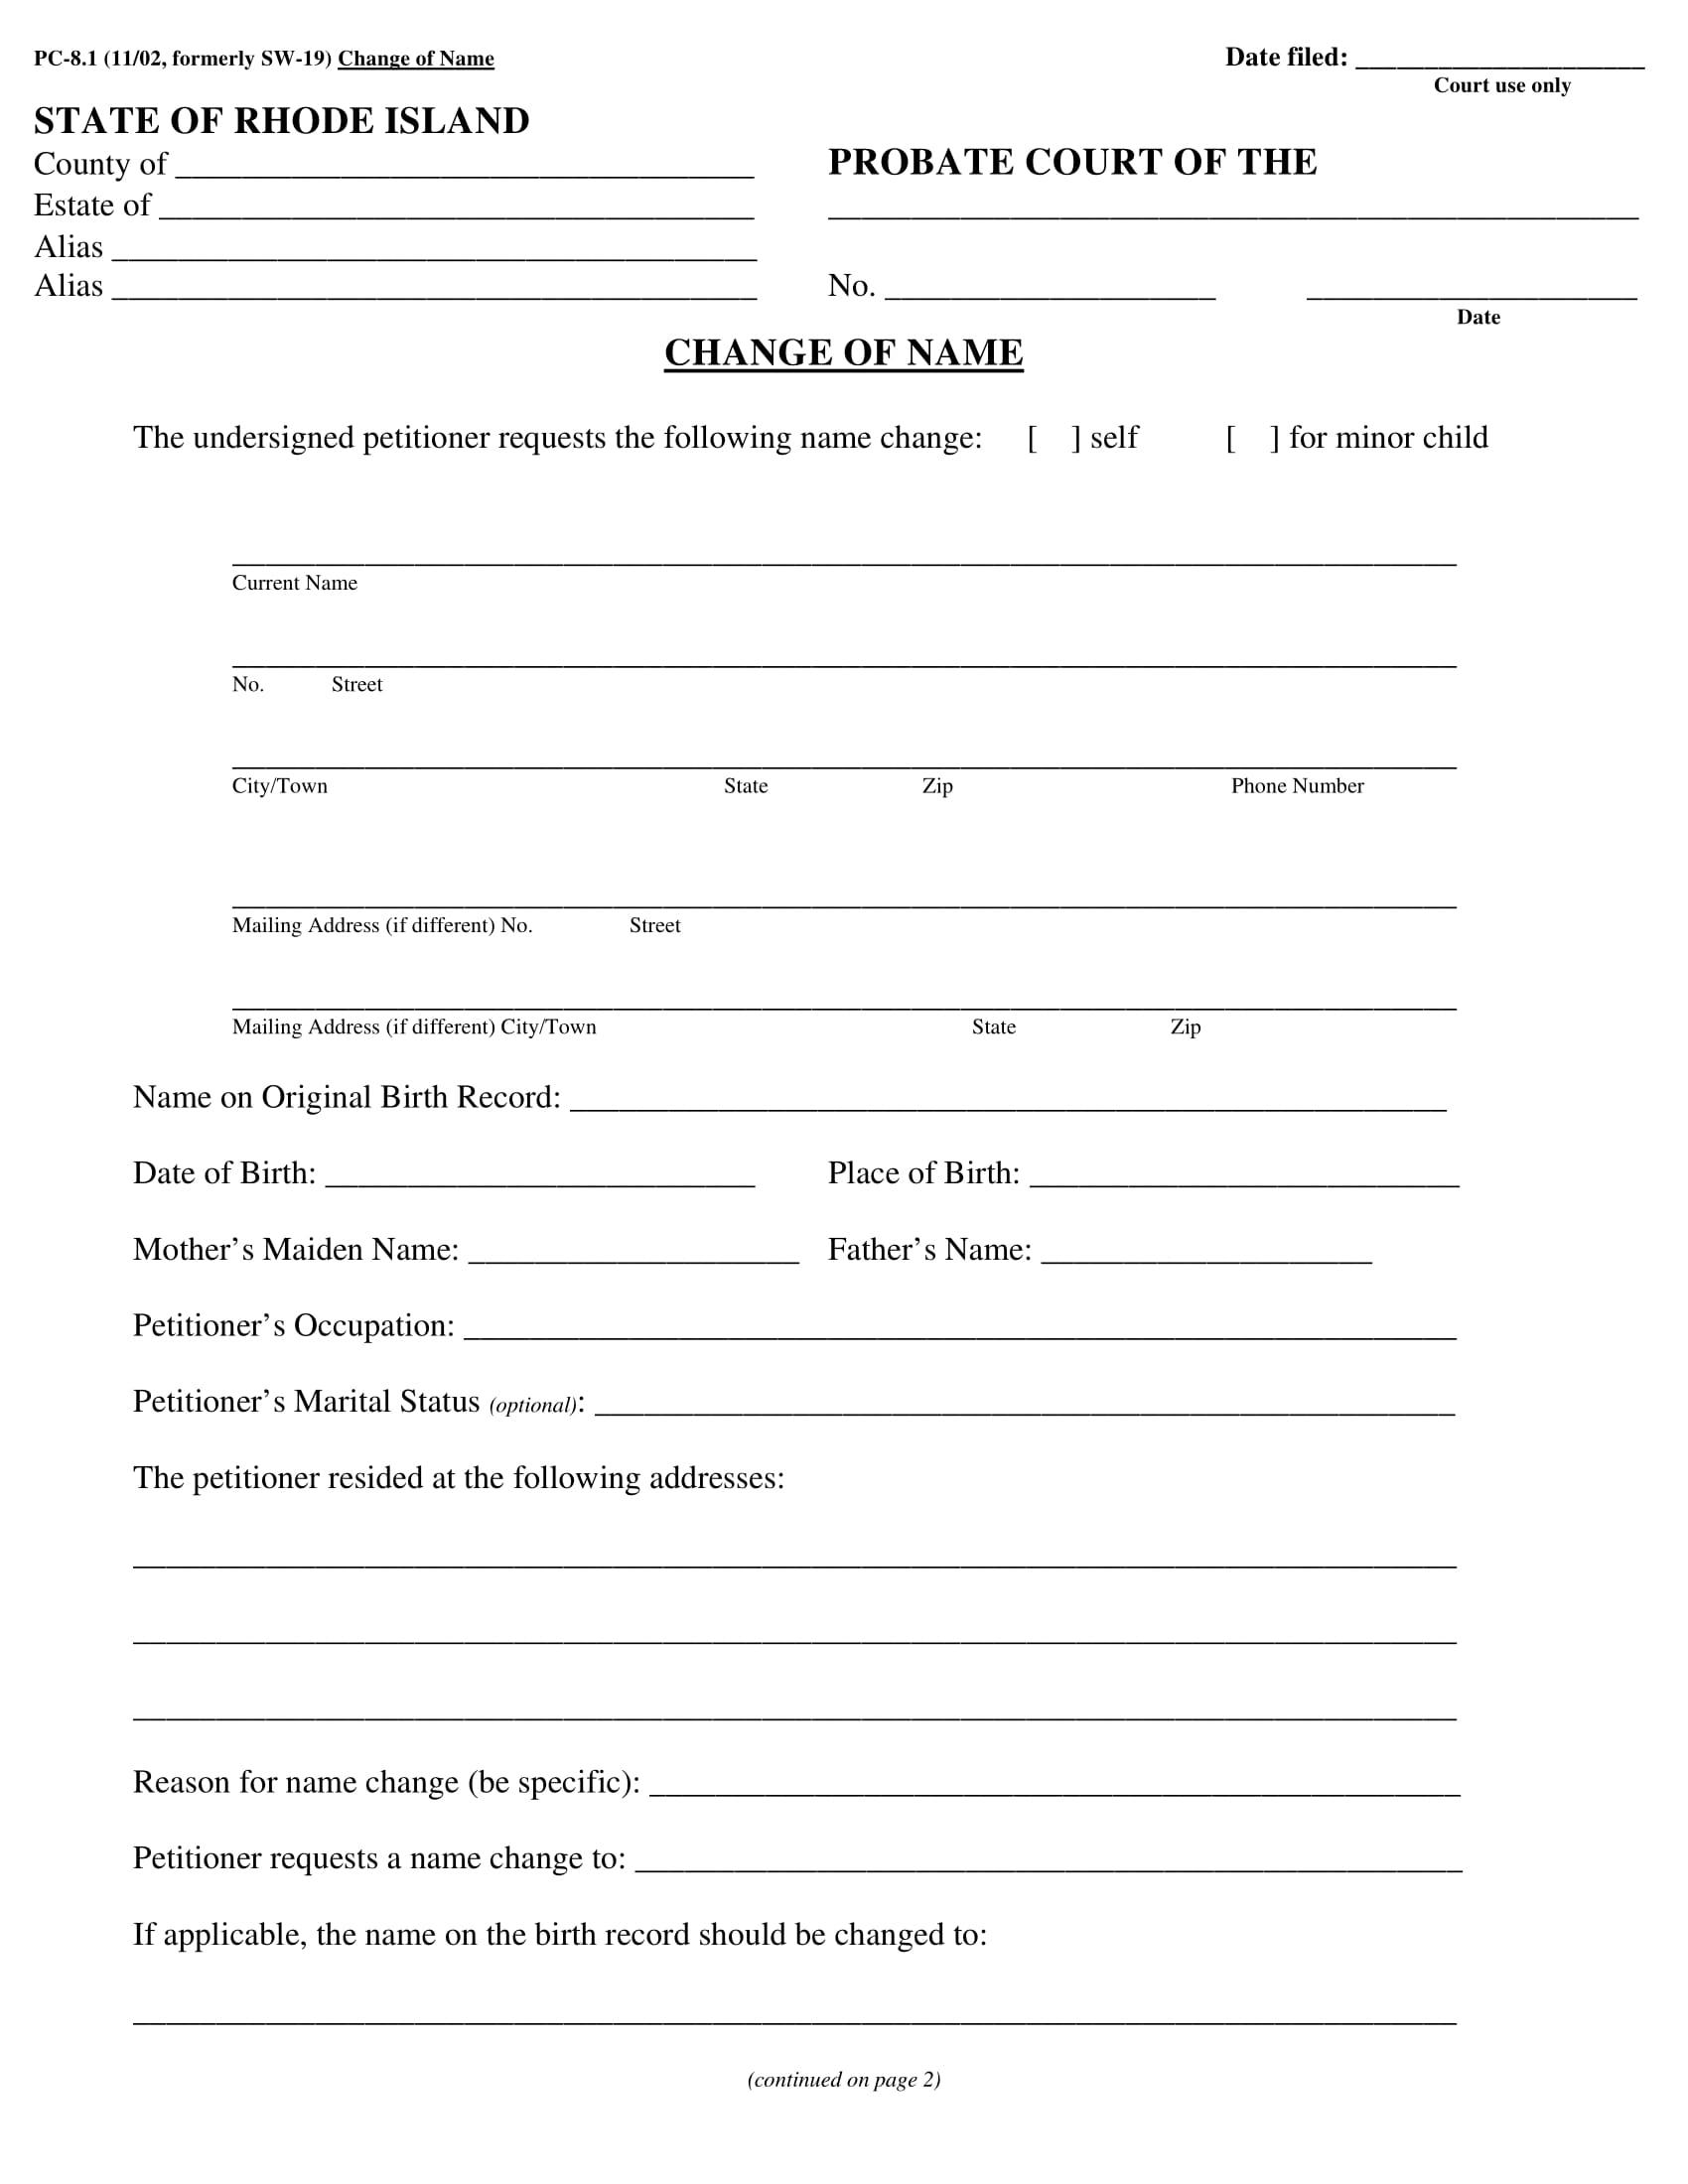 legal name change form sample 1